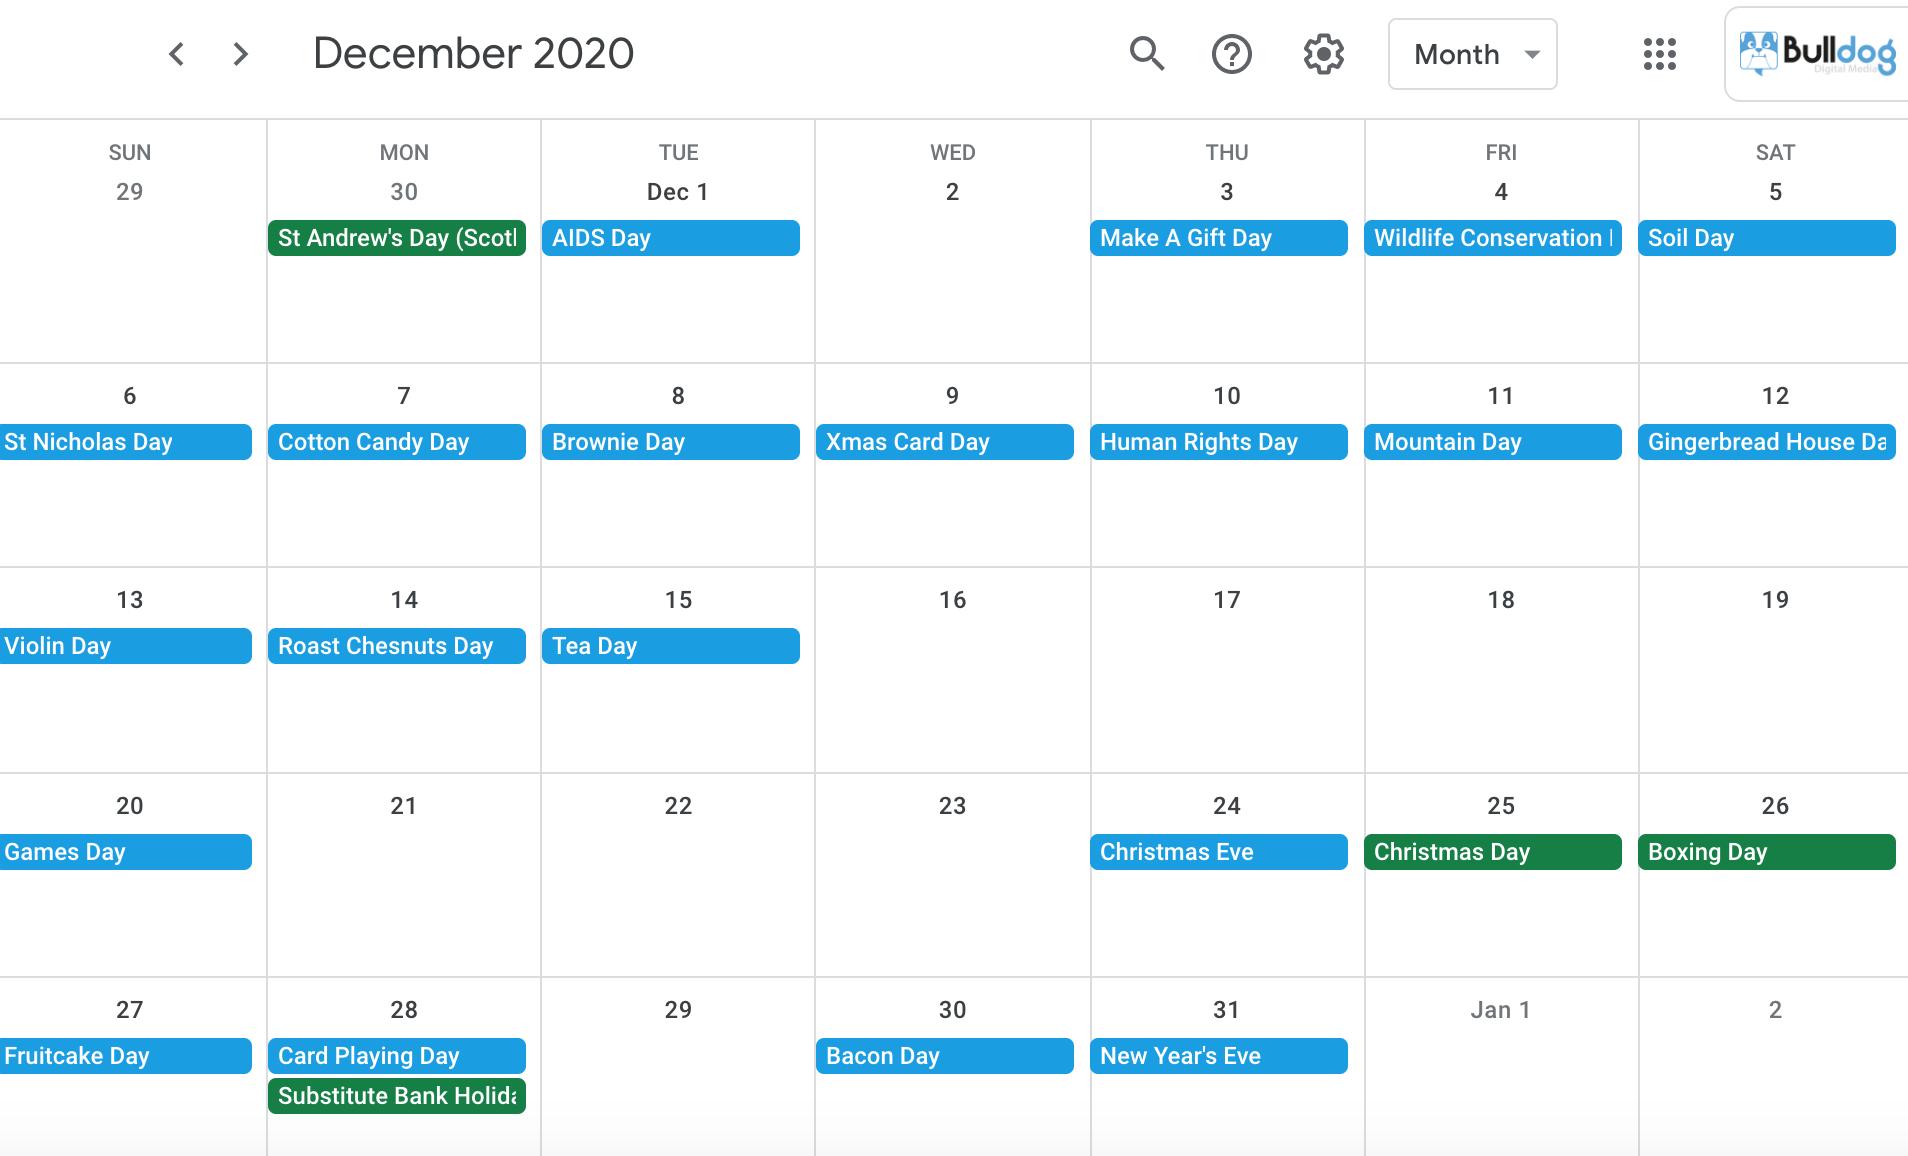 December 2020 social media holidays